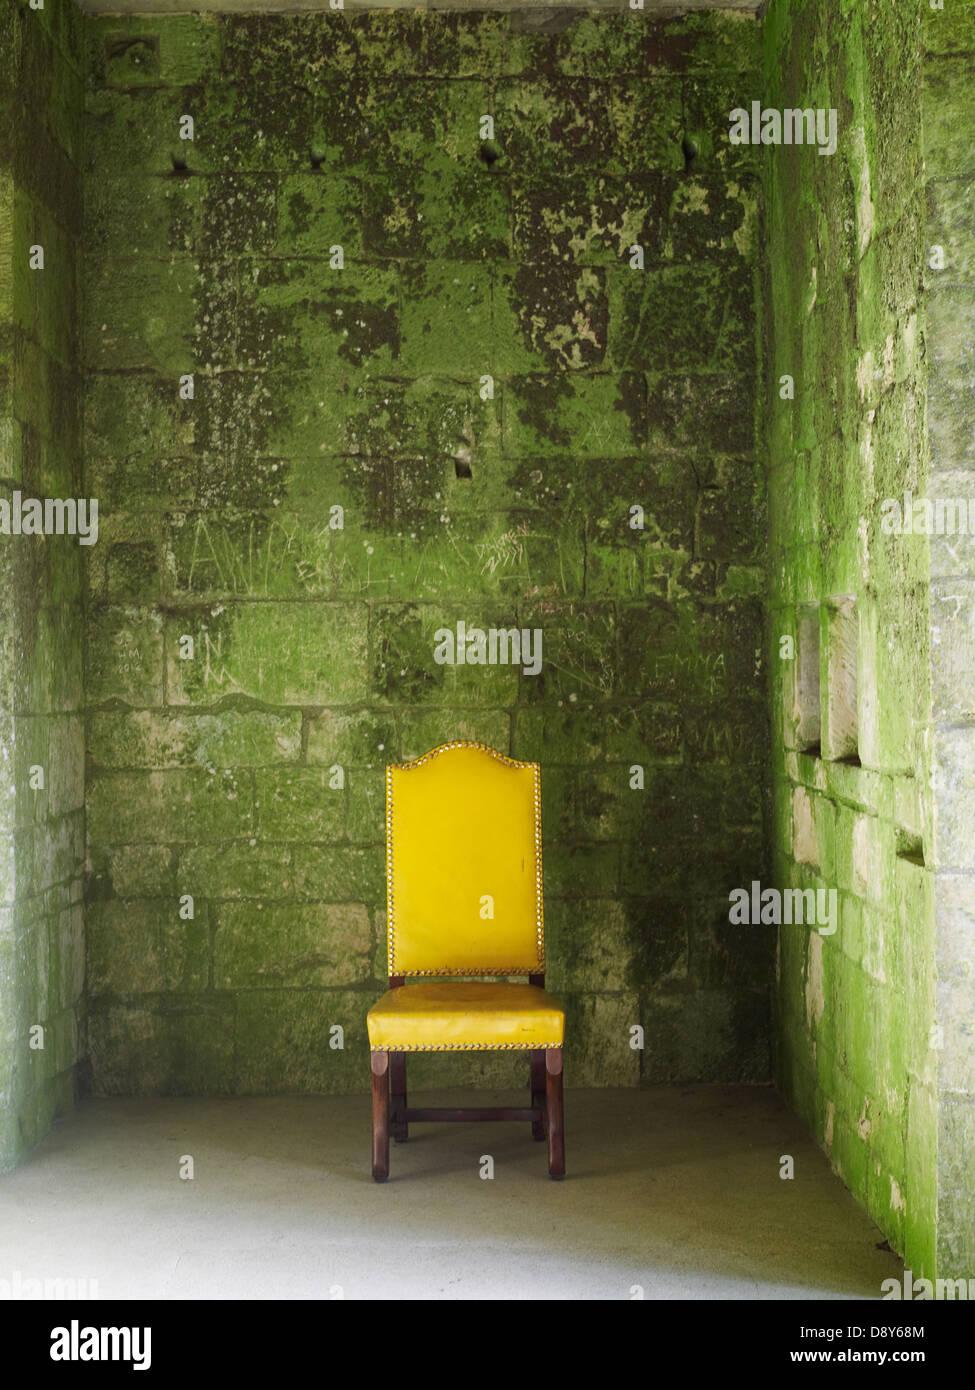 Un jaune vif chaise contre un mur couvert de lichens. Photo Stock